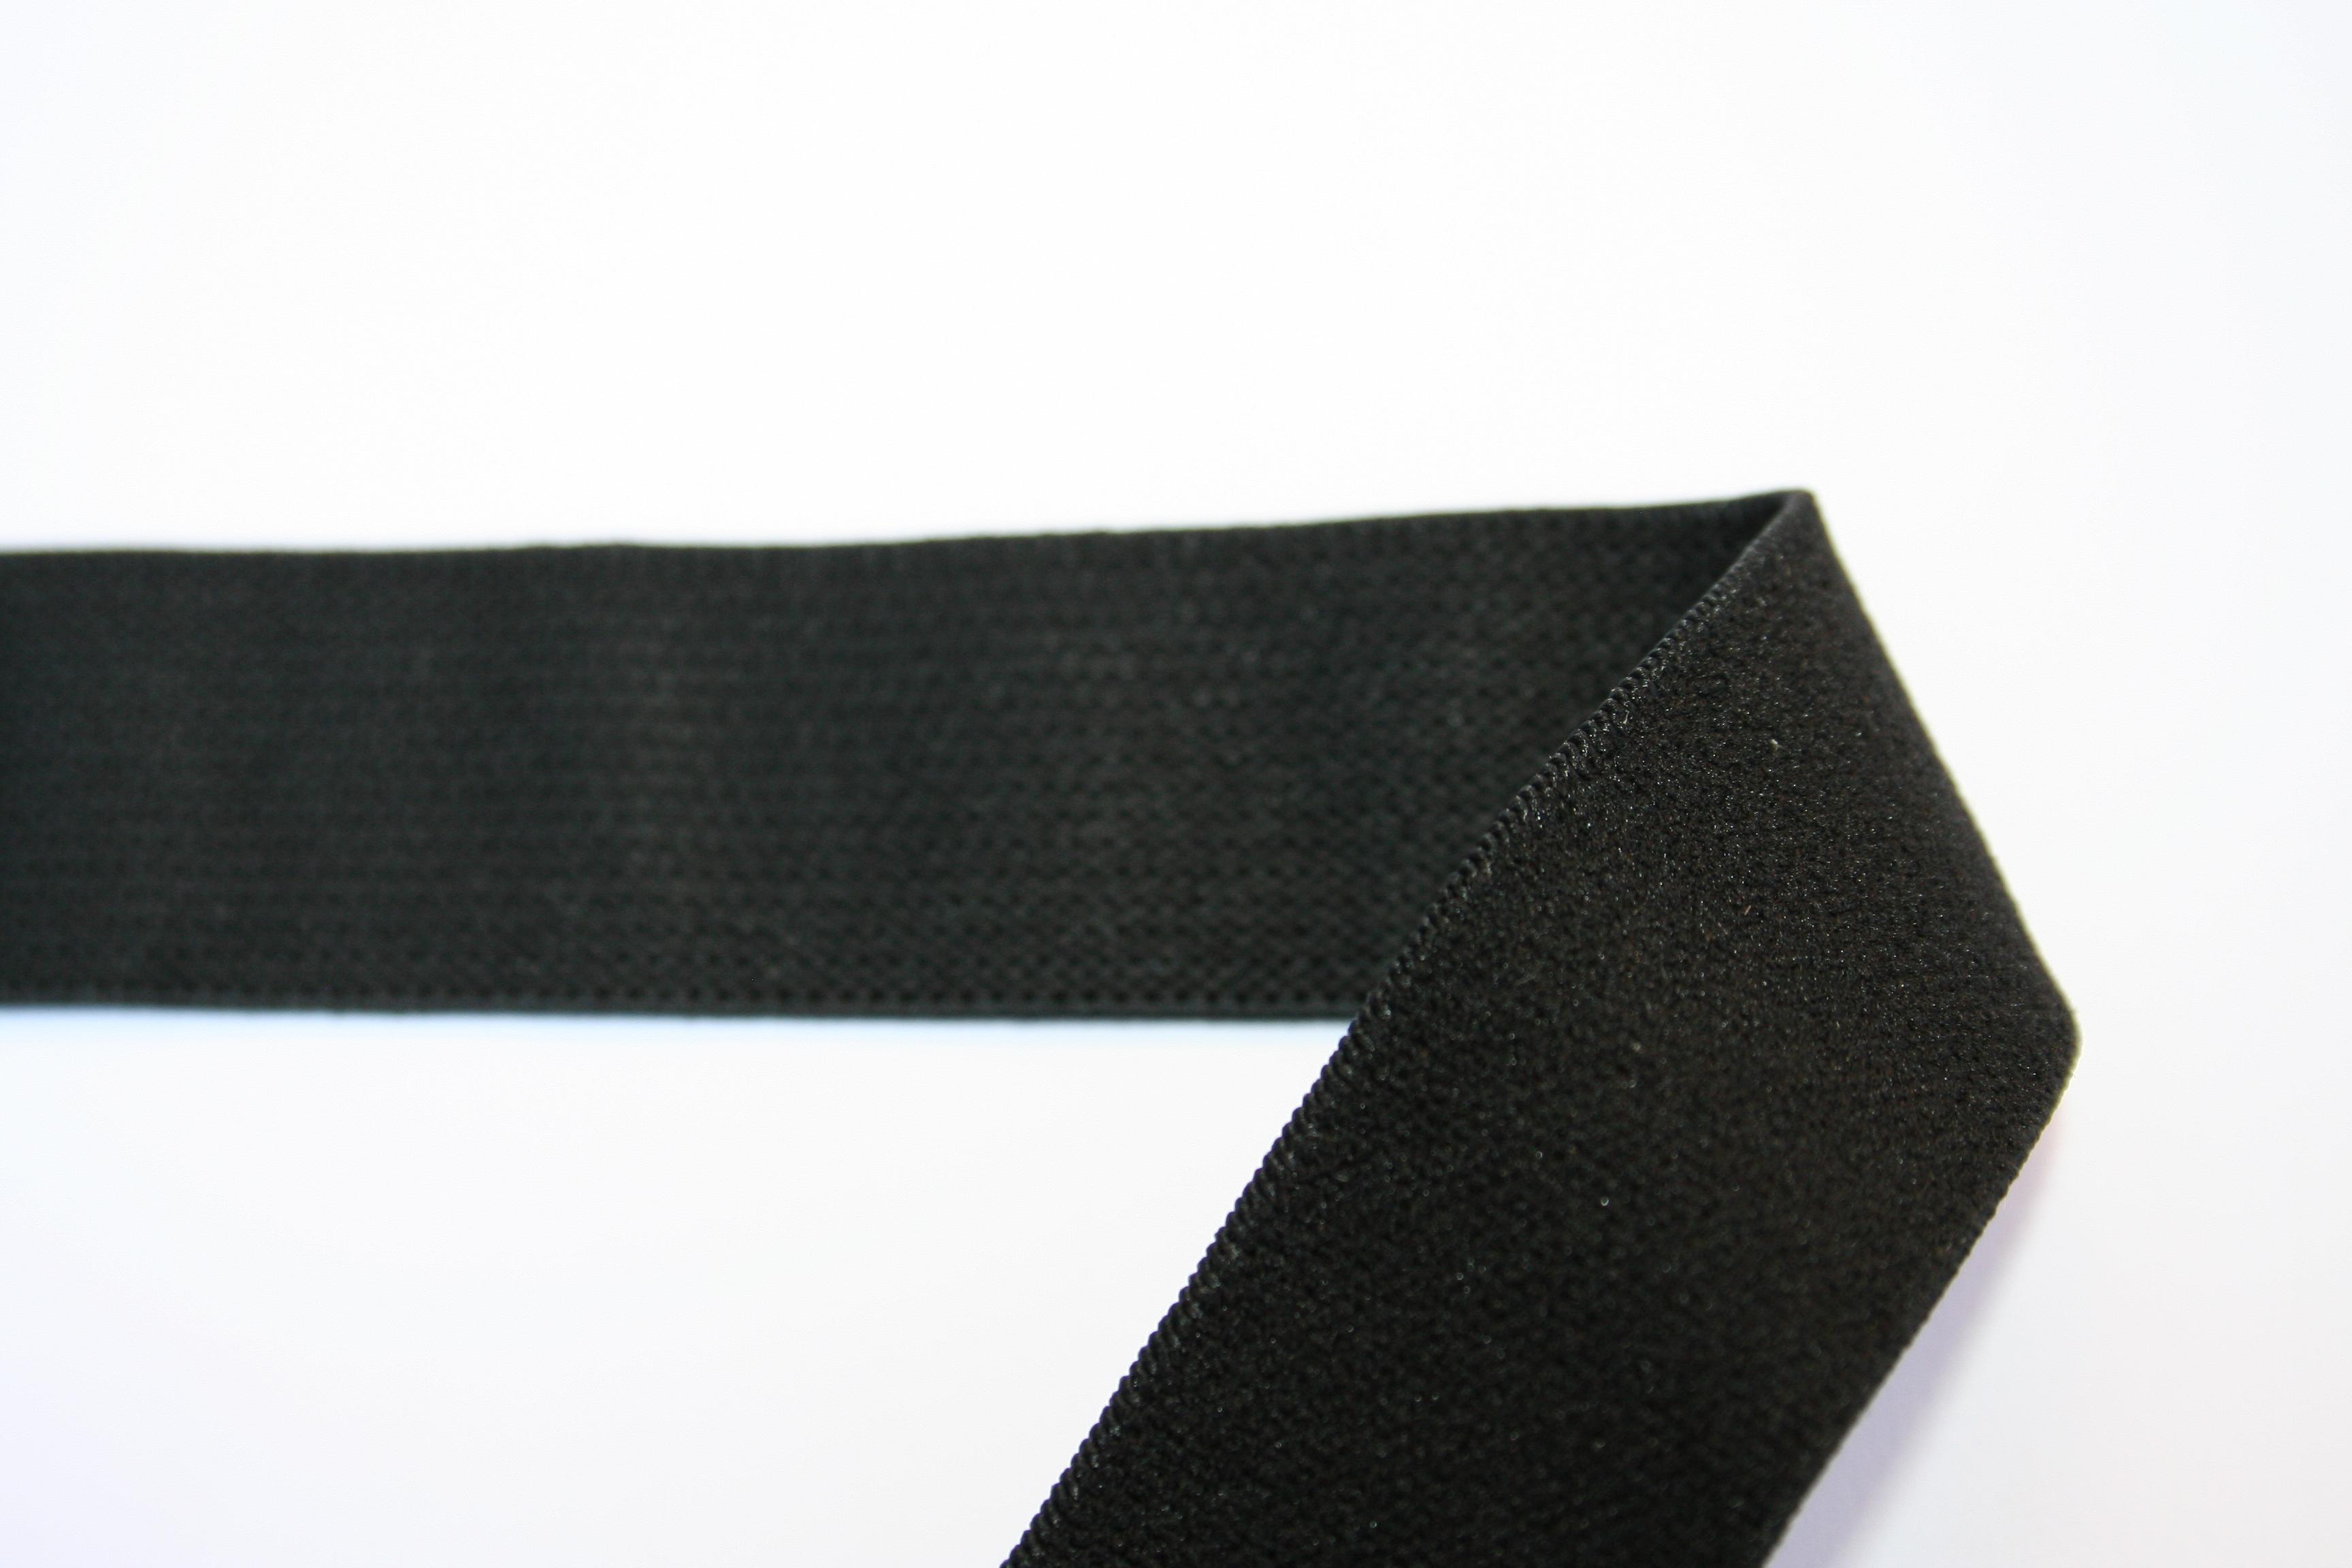 Gummistreifen in der Gr/ö/ße 1500x150x20mm Gummi-Matte Auflage Streifen Unterlage Sch/ürfleiste Abrieb Schneeschild Leiste